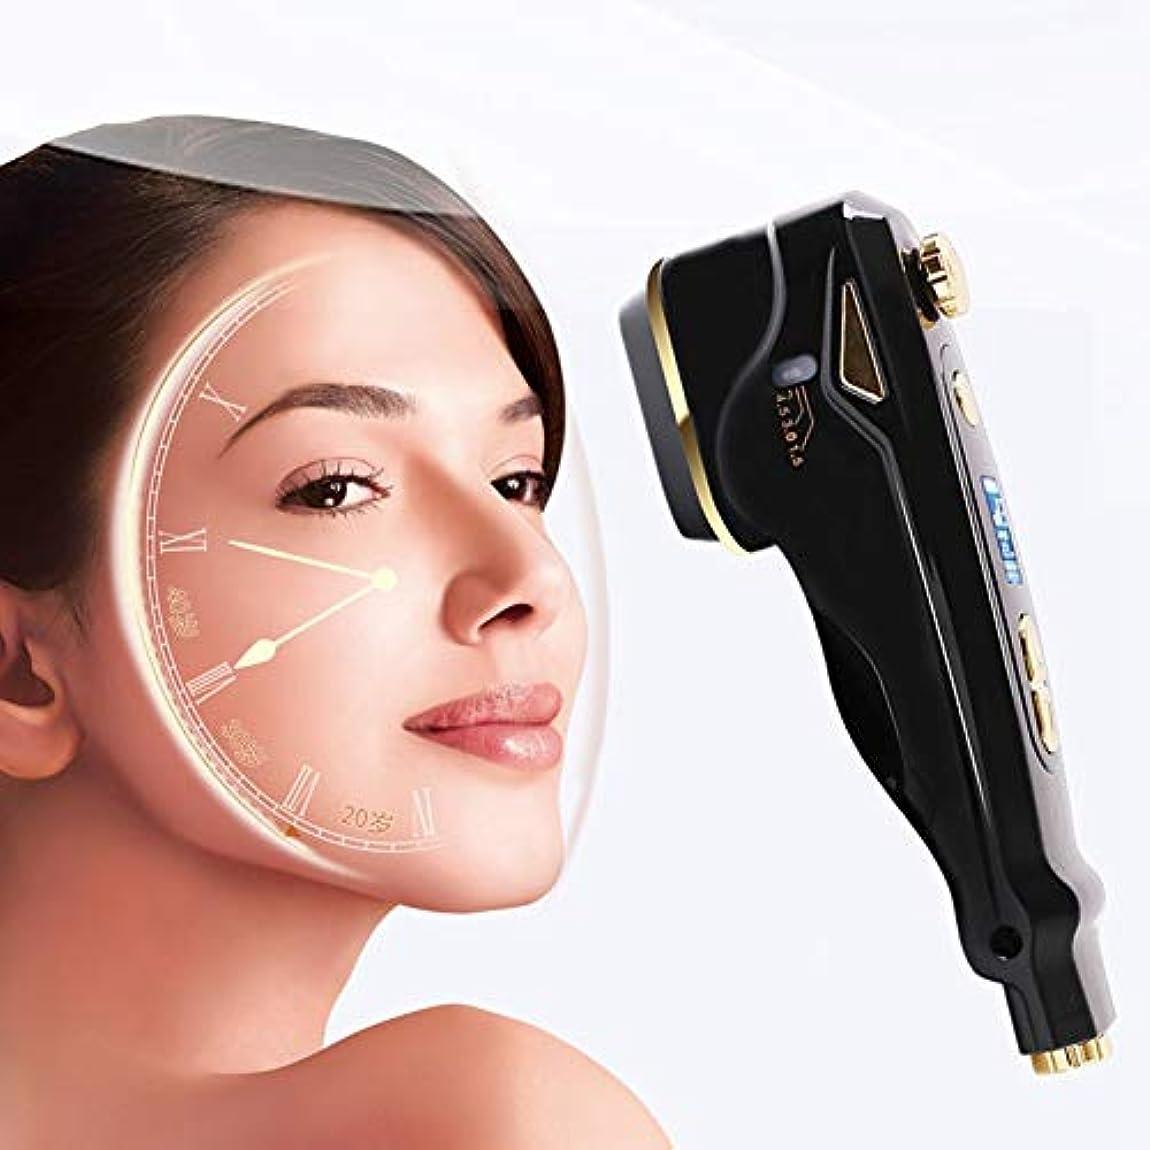 称賛真向こうビジョンスキンフェイシャルマシン - ポータブルハンドヘルド高周波スキンセラピーマシンにきび肌のしわを引き締めダークサークルを軽減します腫れぼったい目の美容ツール